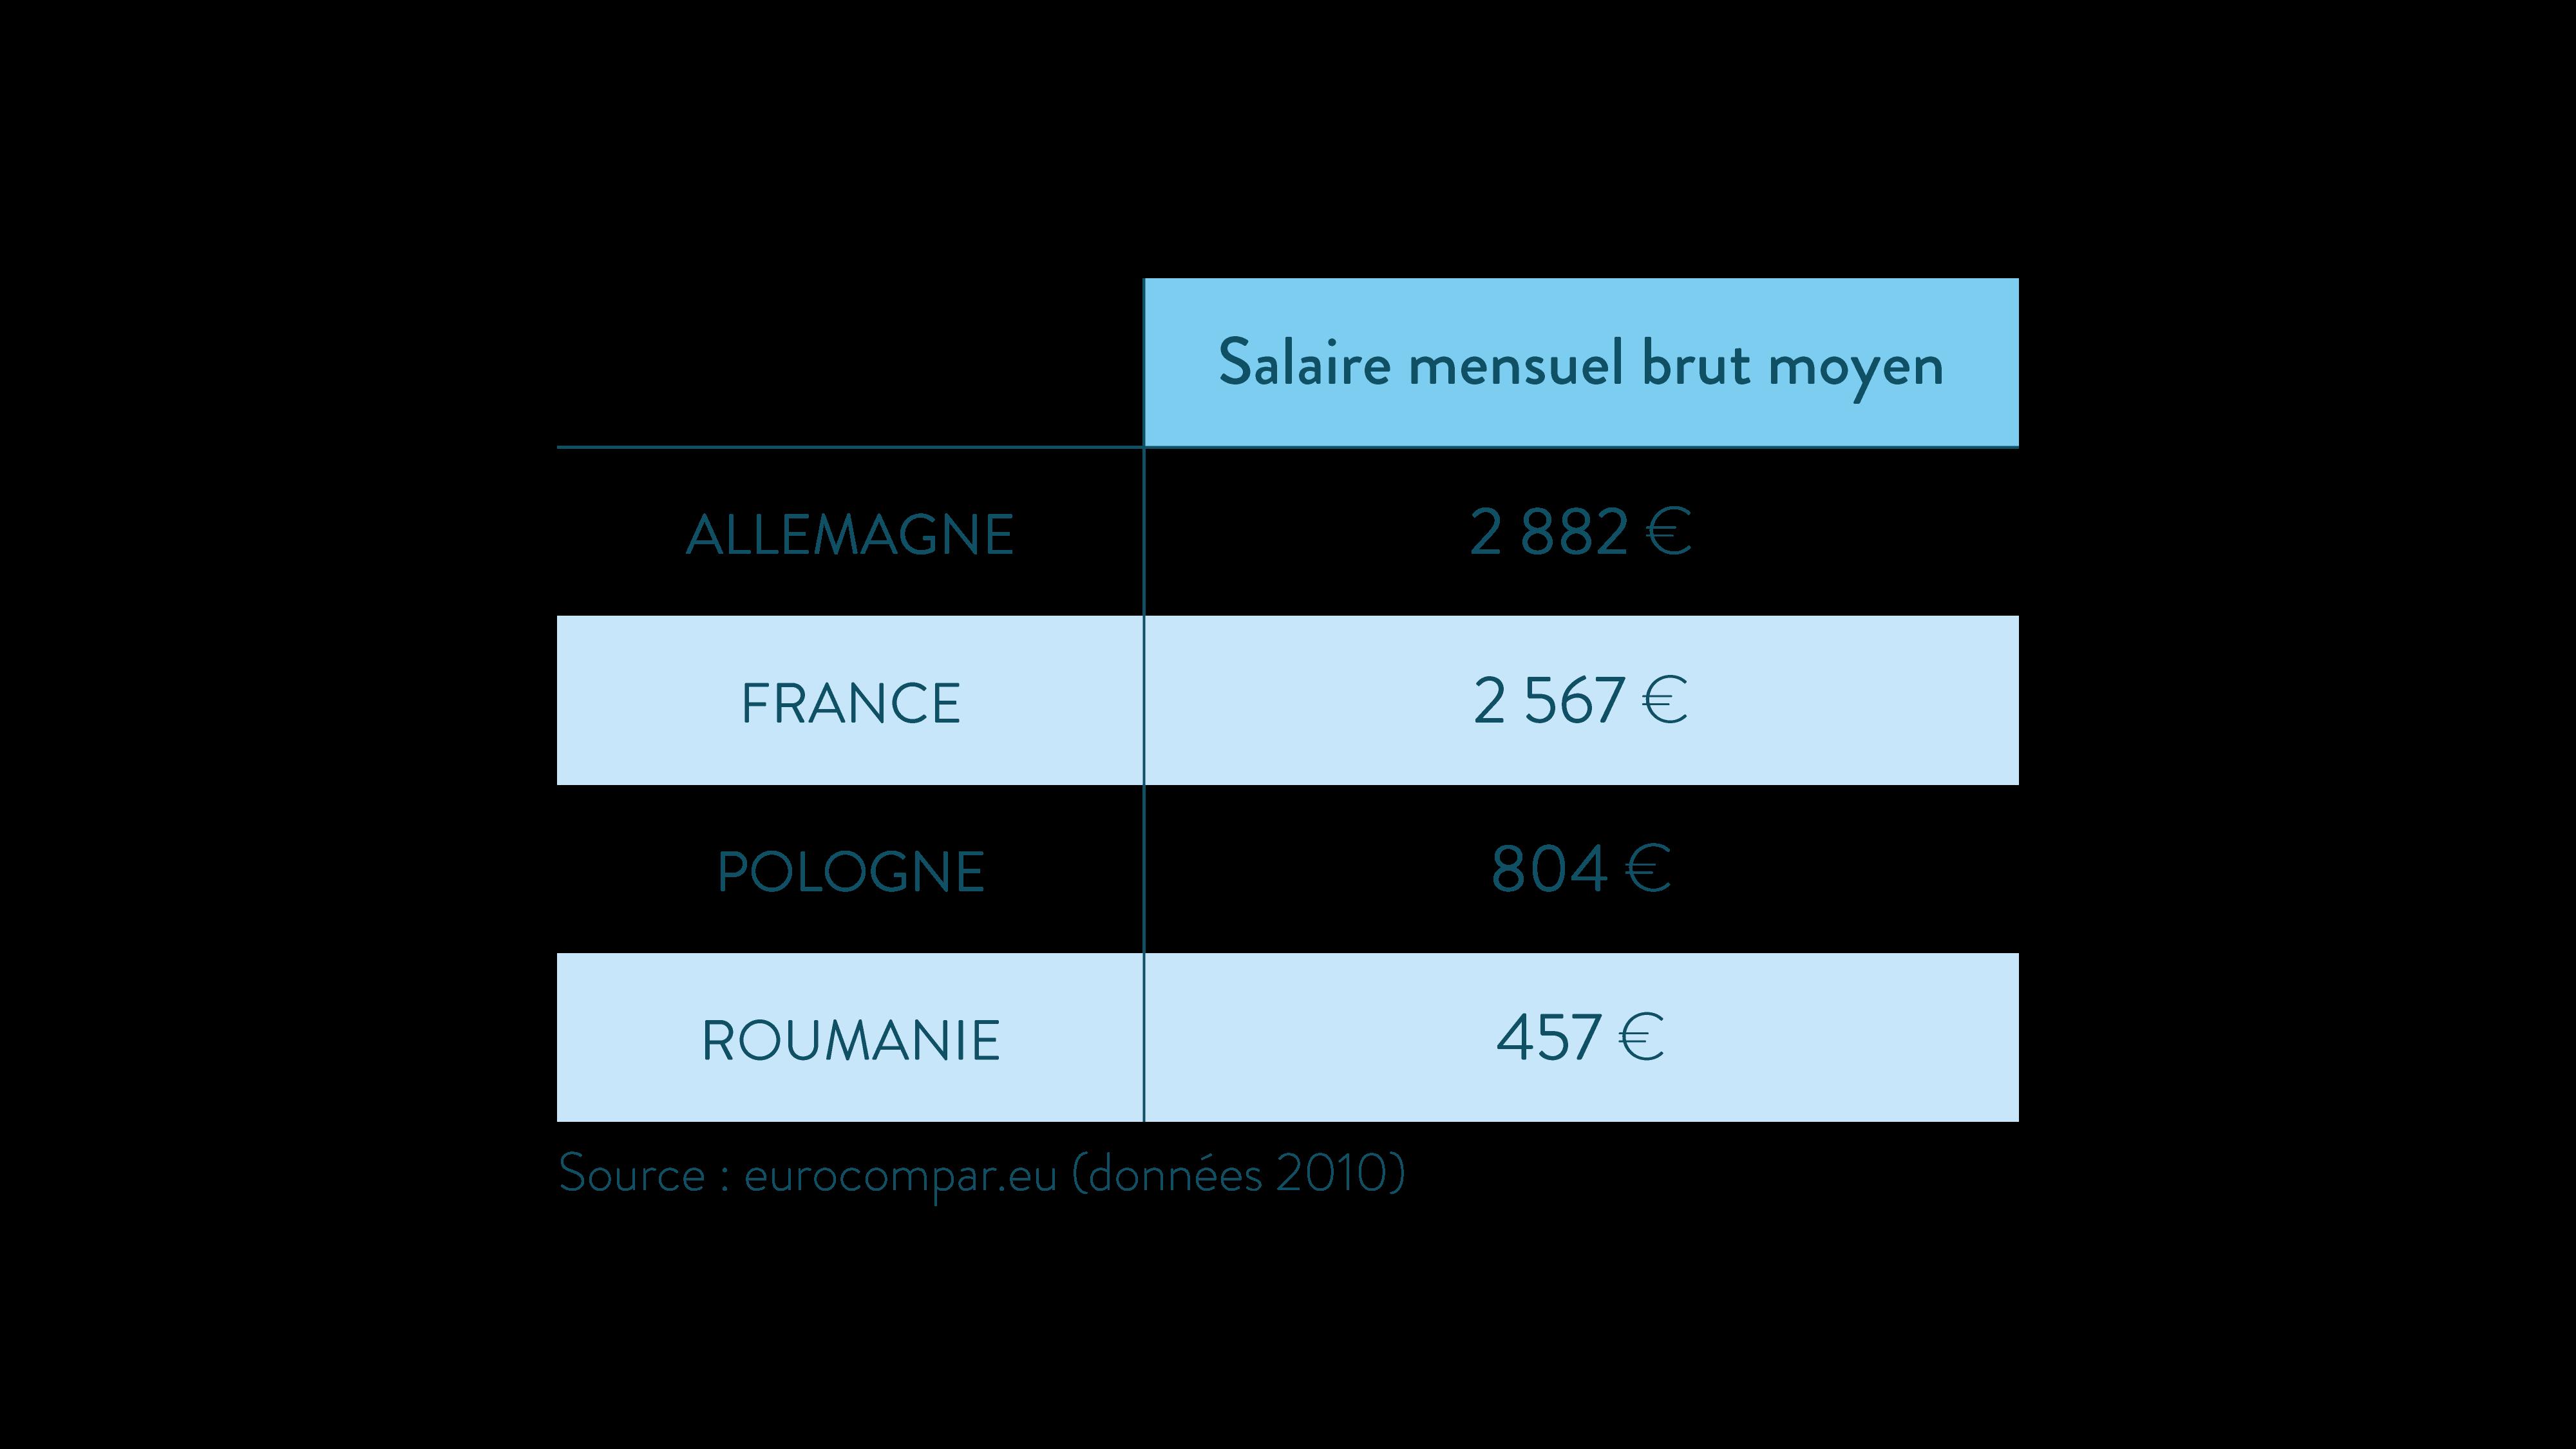 salaires mensuels bruts moyens dans l'Union européenne ses terminale